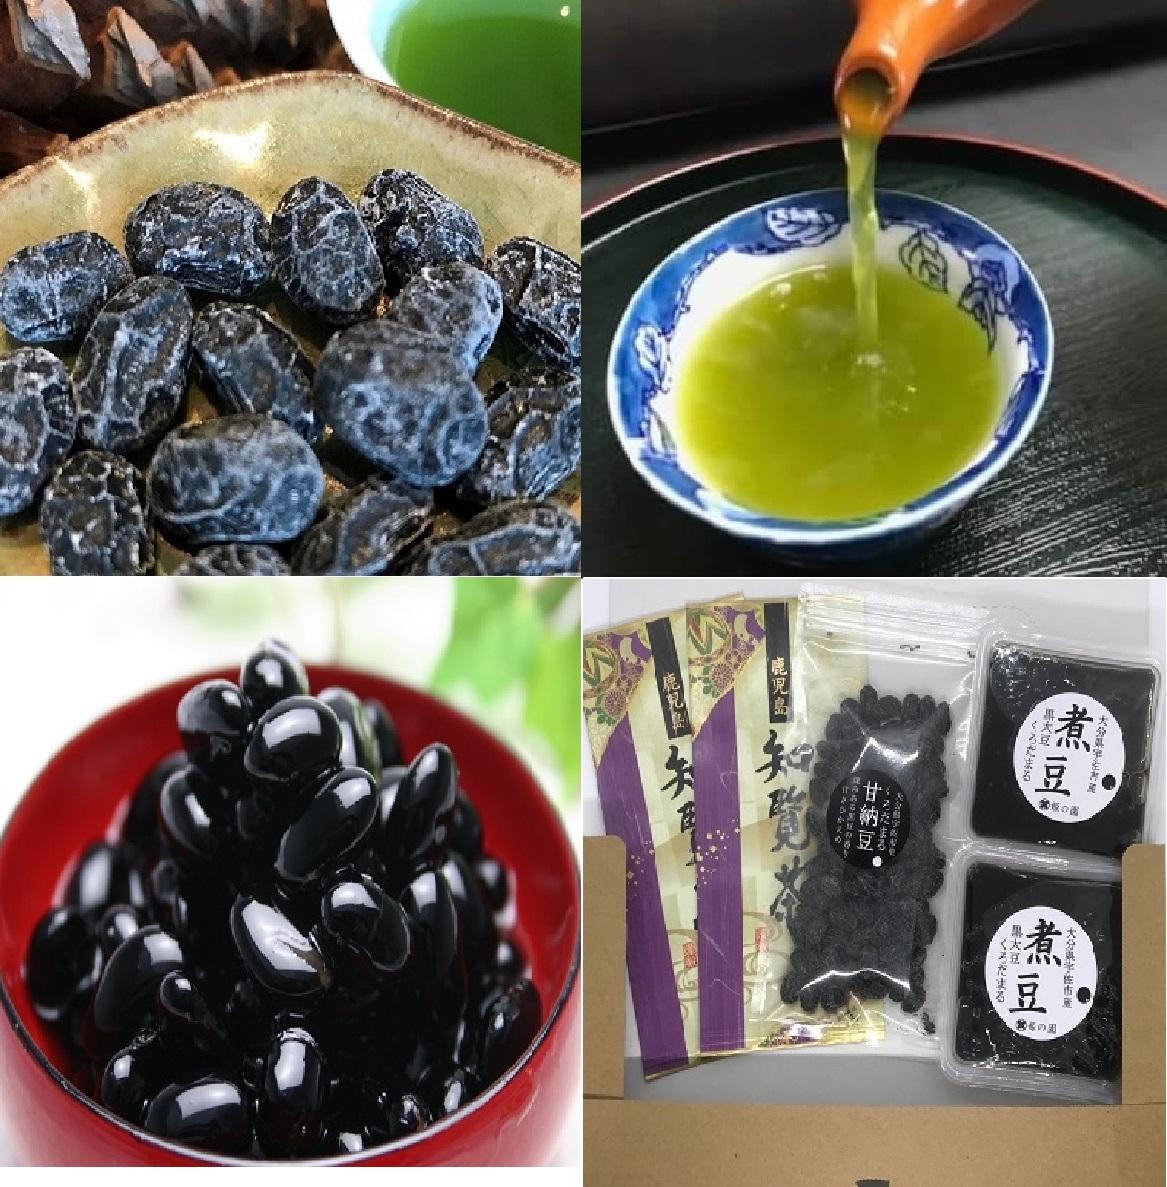 知覧茶&甘納豆&煮豆セット:2040円